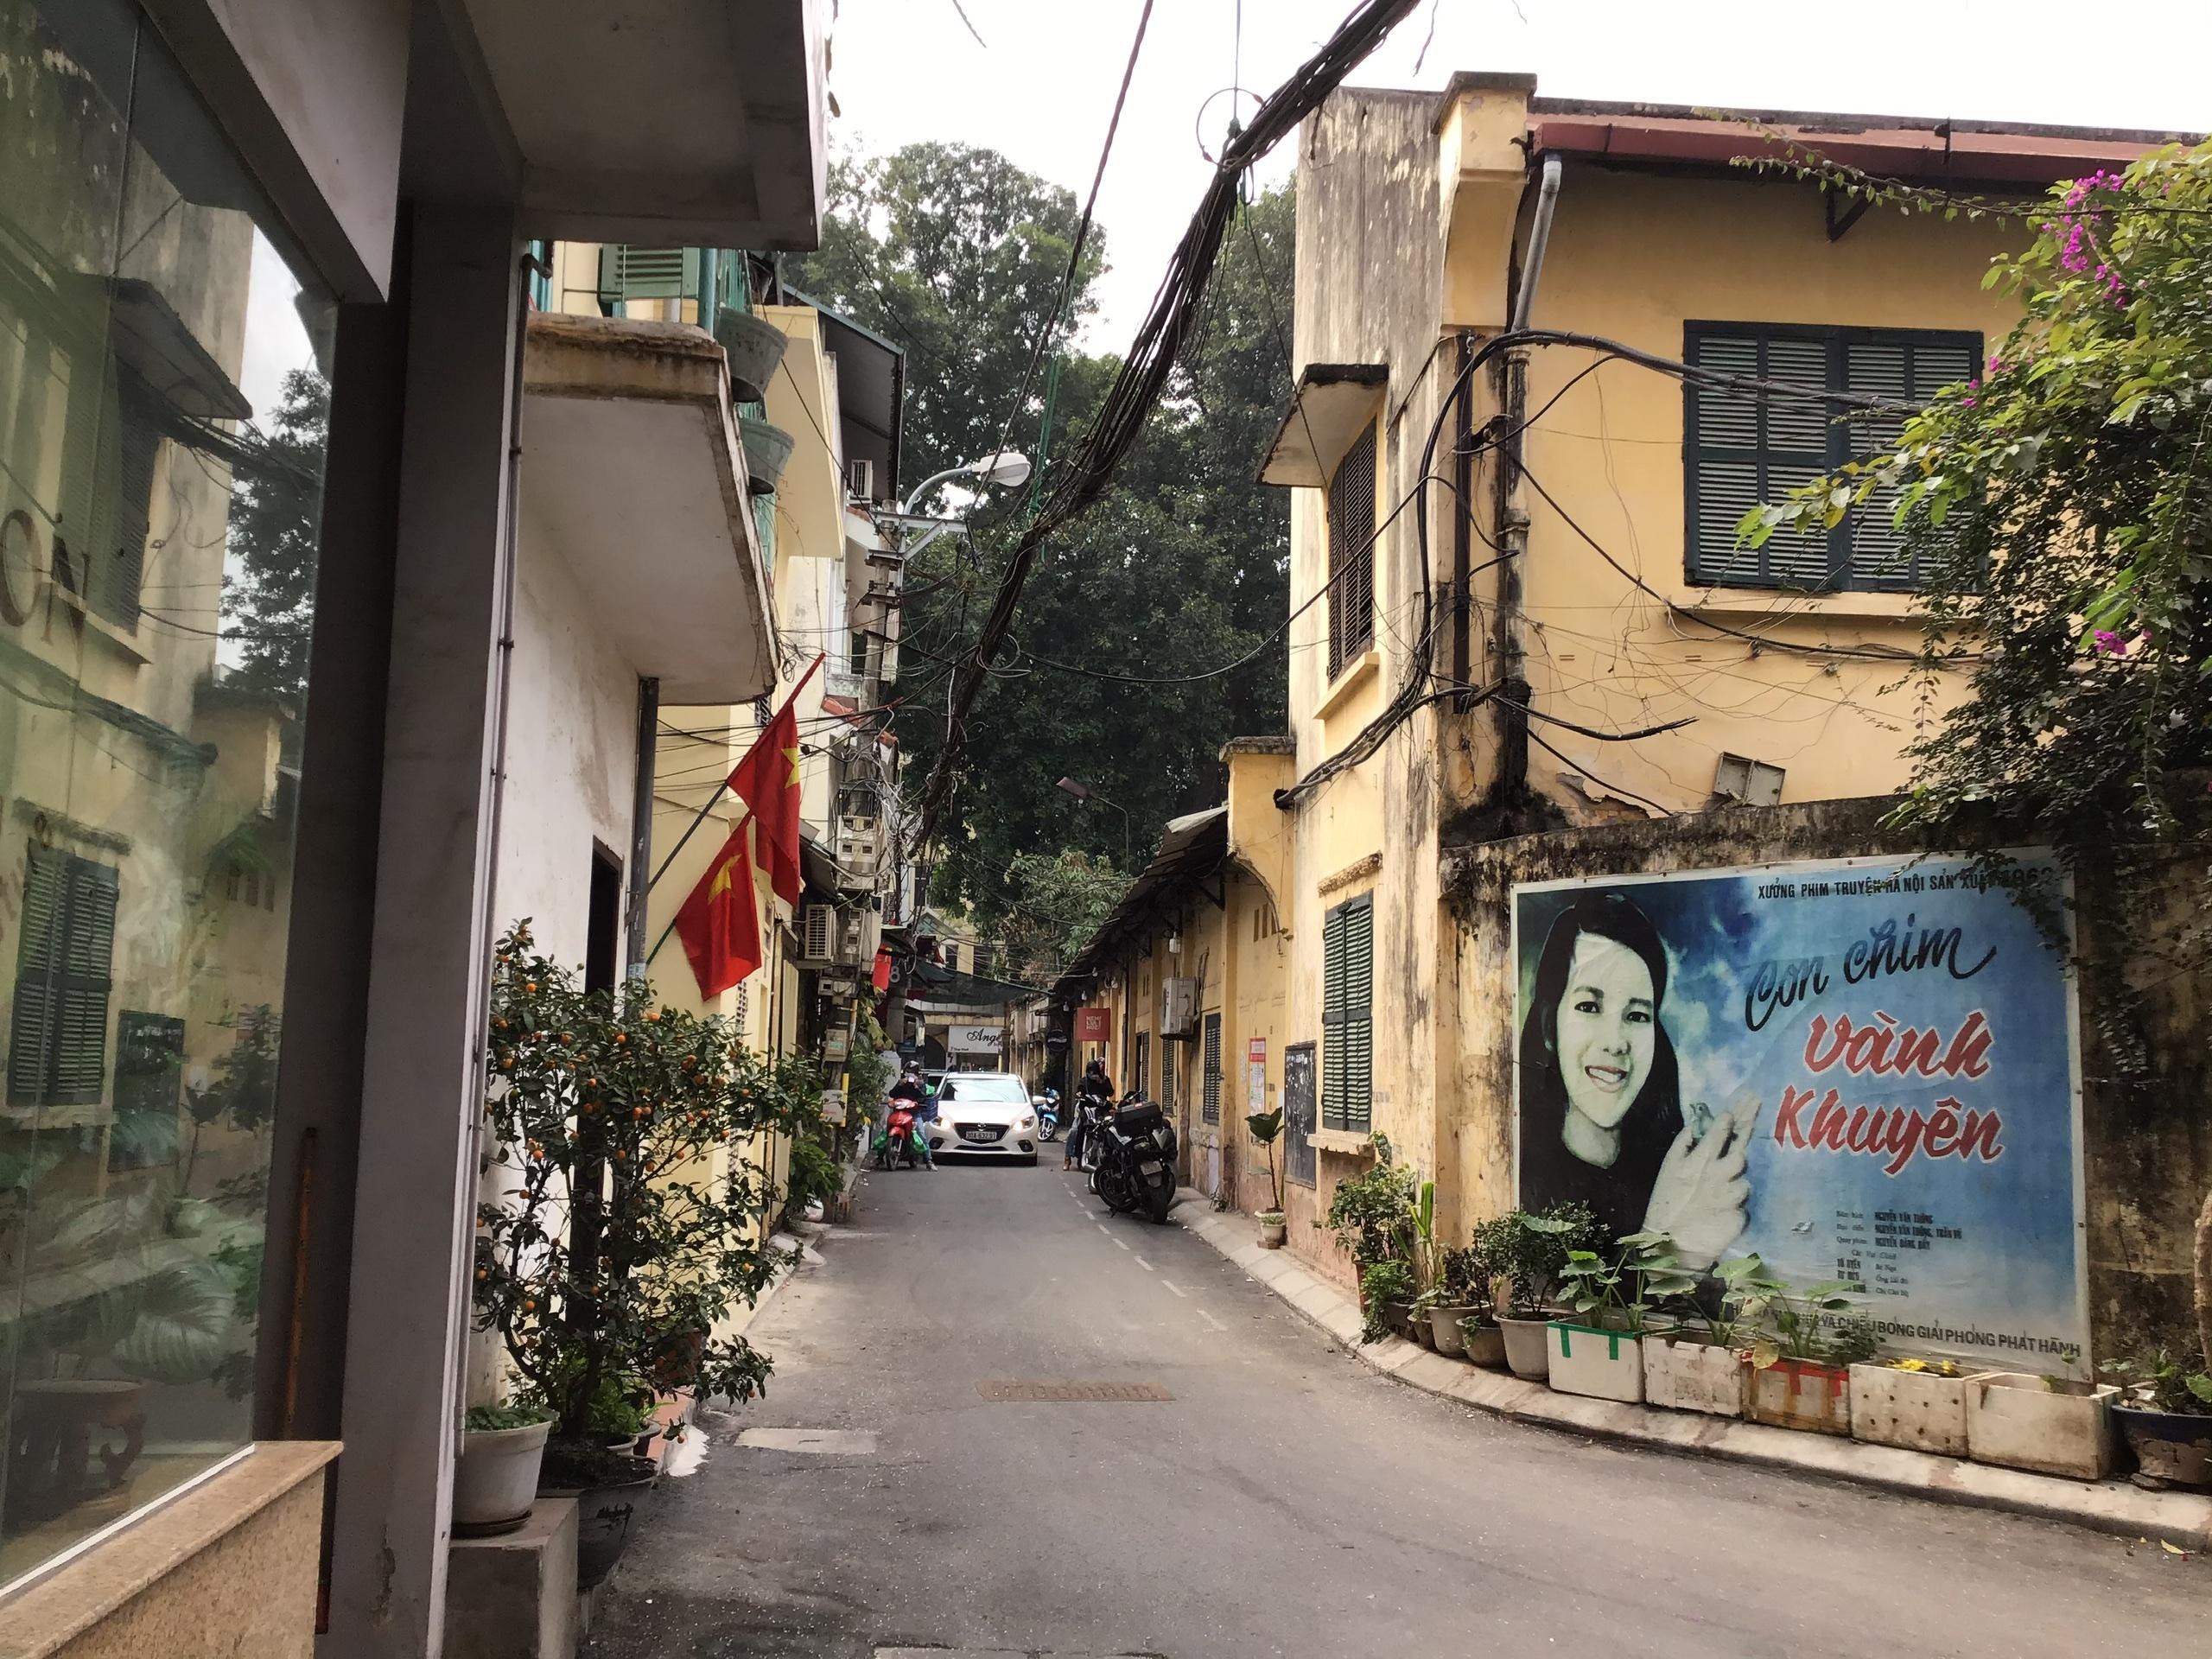 Ba khu đất dính quy hoạch ở phường Thụy Khuê, quận Tây Hồ, Hà Nội - Ảnh 14.